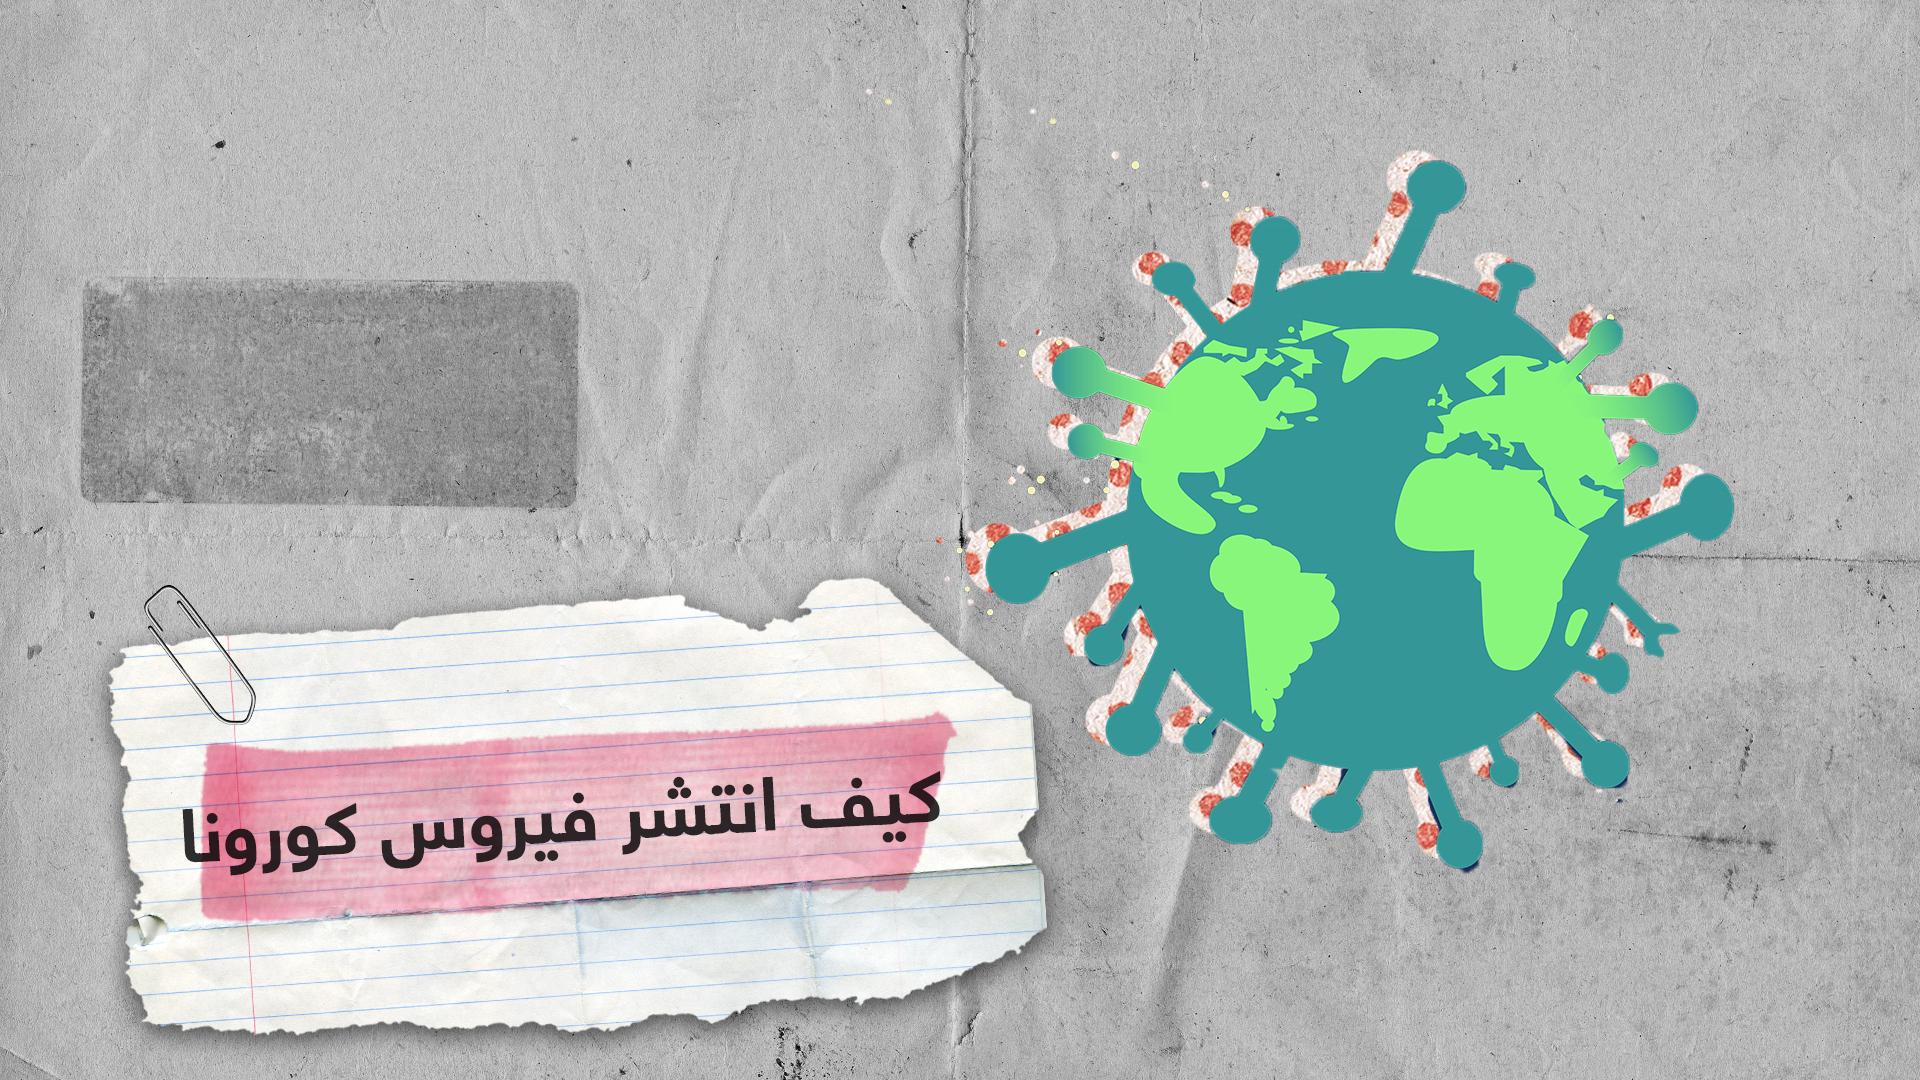 أكثر من مليون مصاب عالميا.. كيف انتشر فيروس كورونا في جميع أنحاء العالم؟